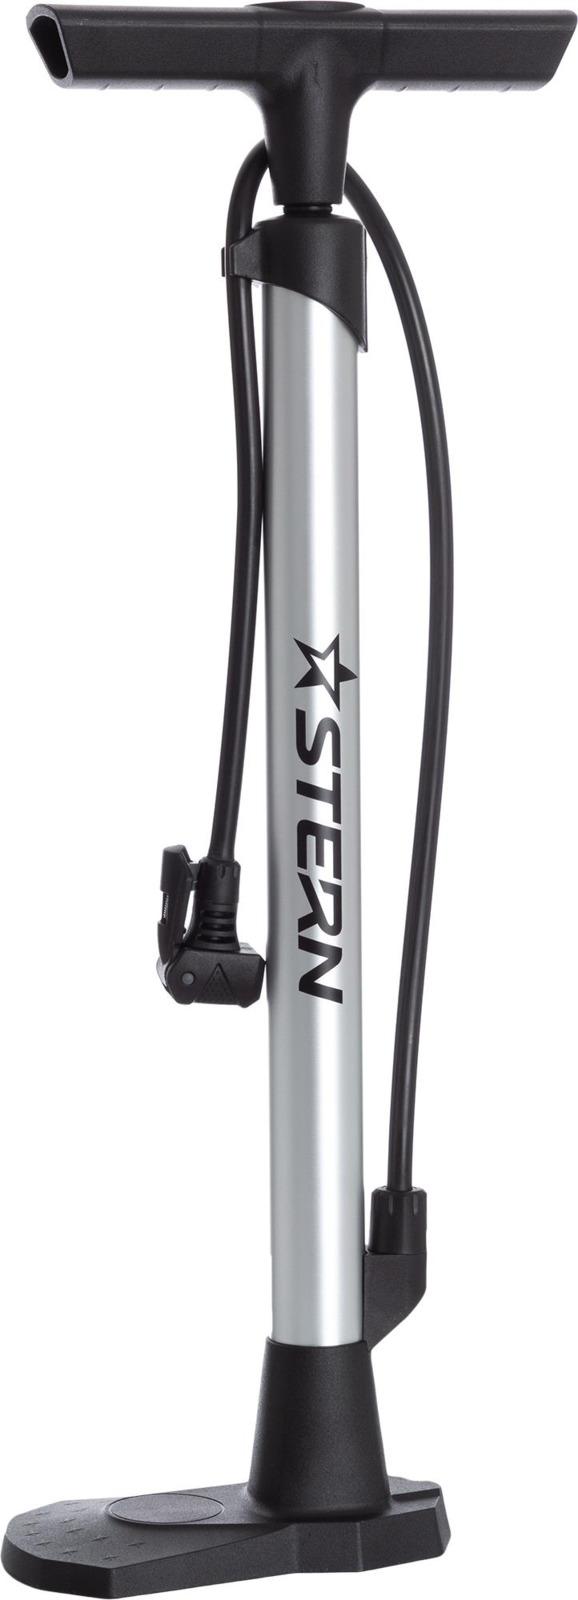 Фото - Велосипедный насос Stern CP-12N Pump, серебристый авто